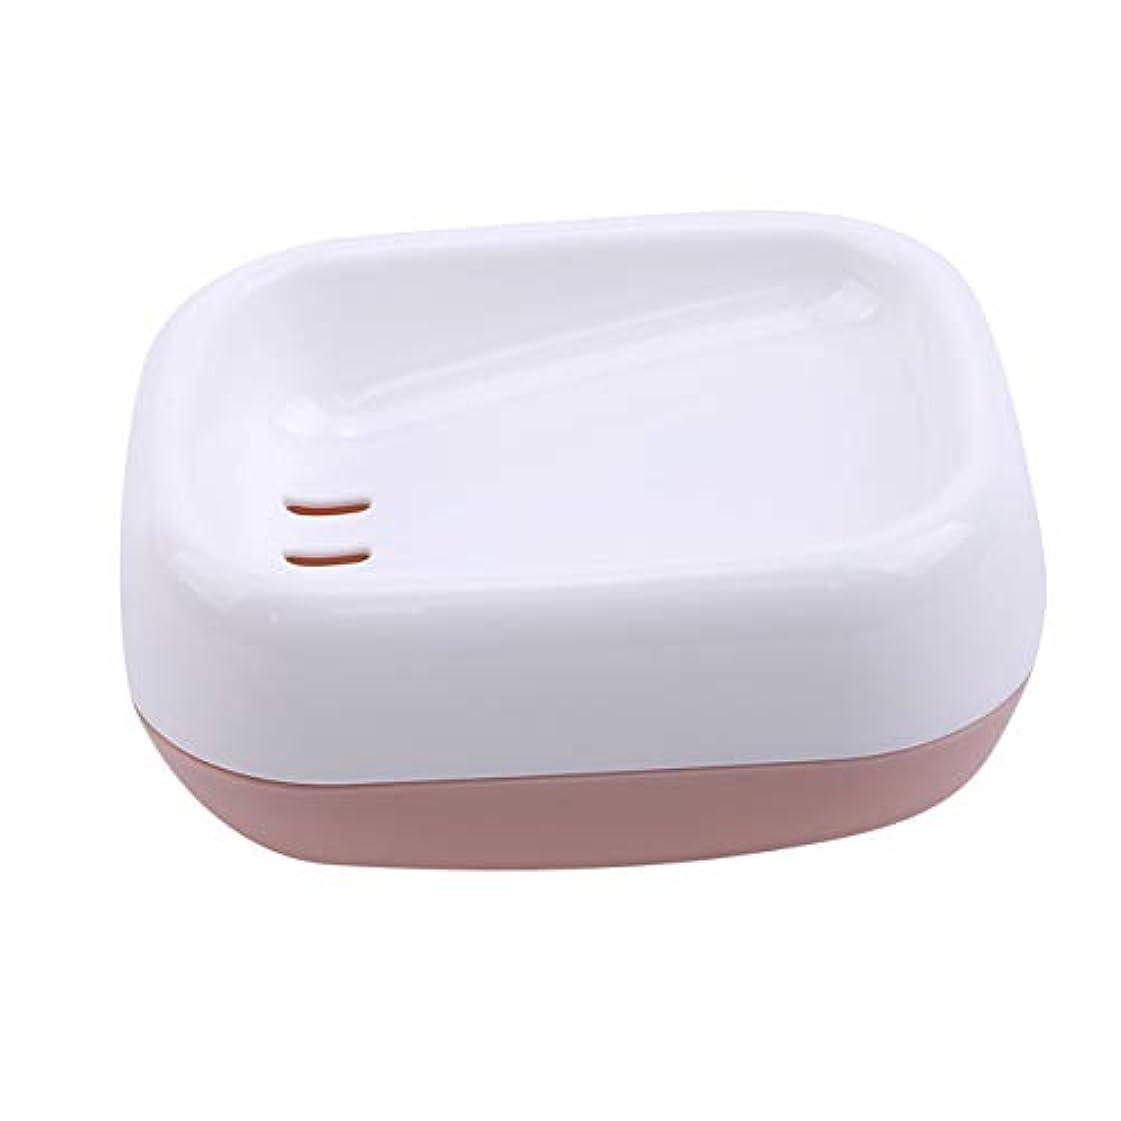 貧しい重くするわかるZALINGソープディッシュボックス浴室プラスチック二重層衛生的なシンプル排水コンテナソープディッシュピンク